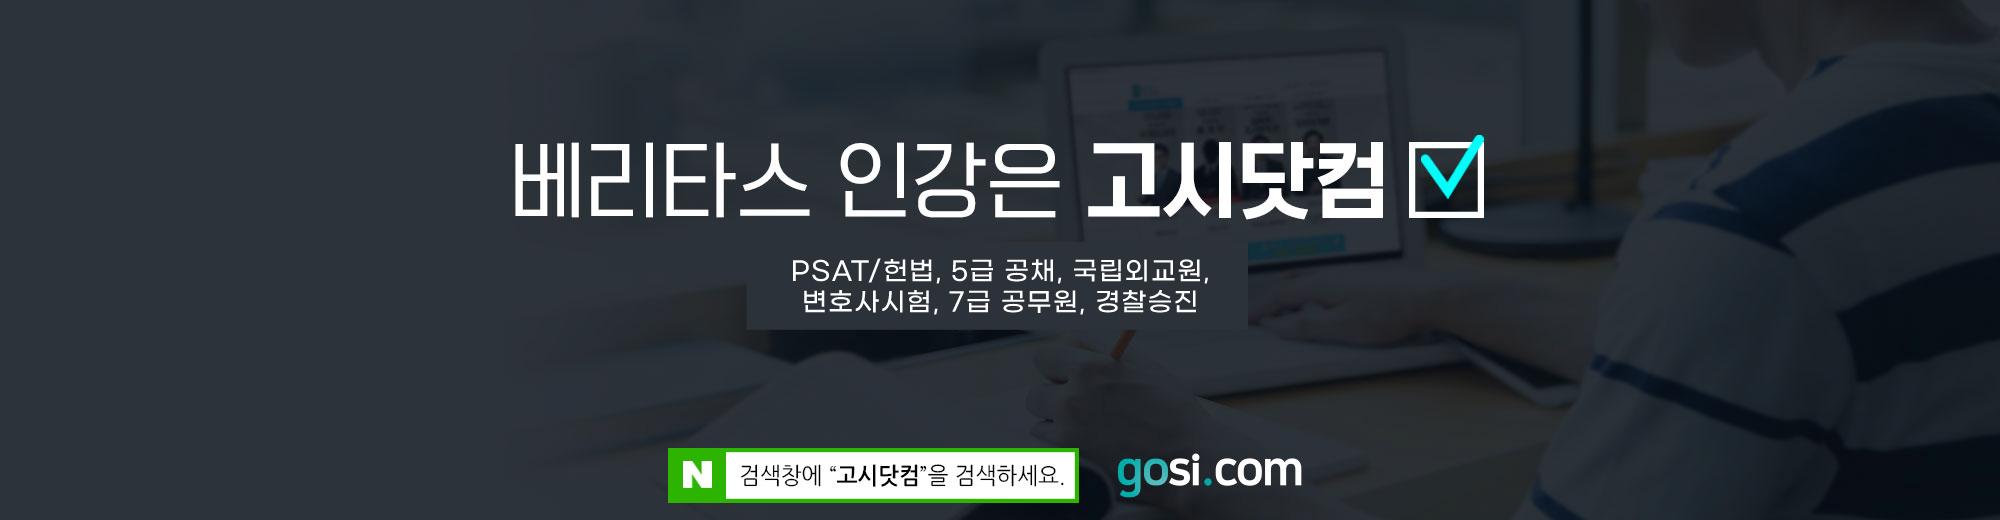 [동영상강의] LEET 할인이벤트